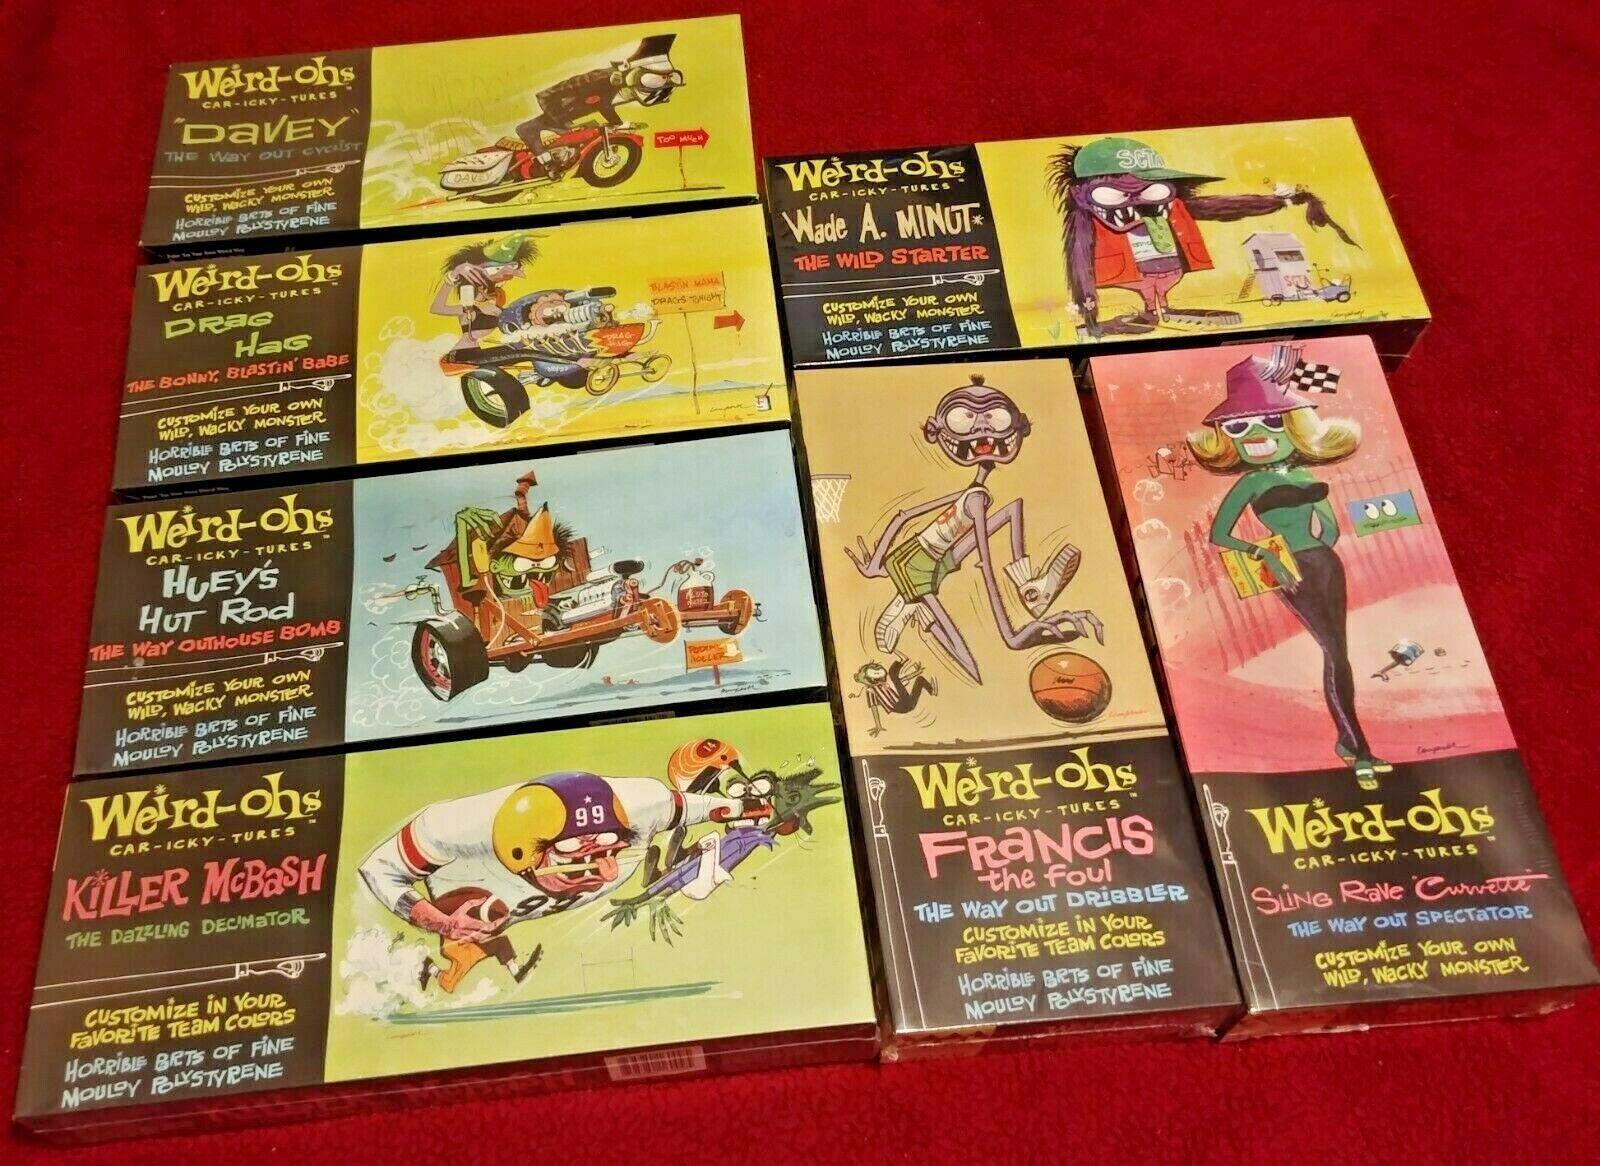 szkola-liderow.pl Models & Kits Toys & Hobbies Lot Of 7 Weird-Ohs ...